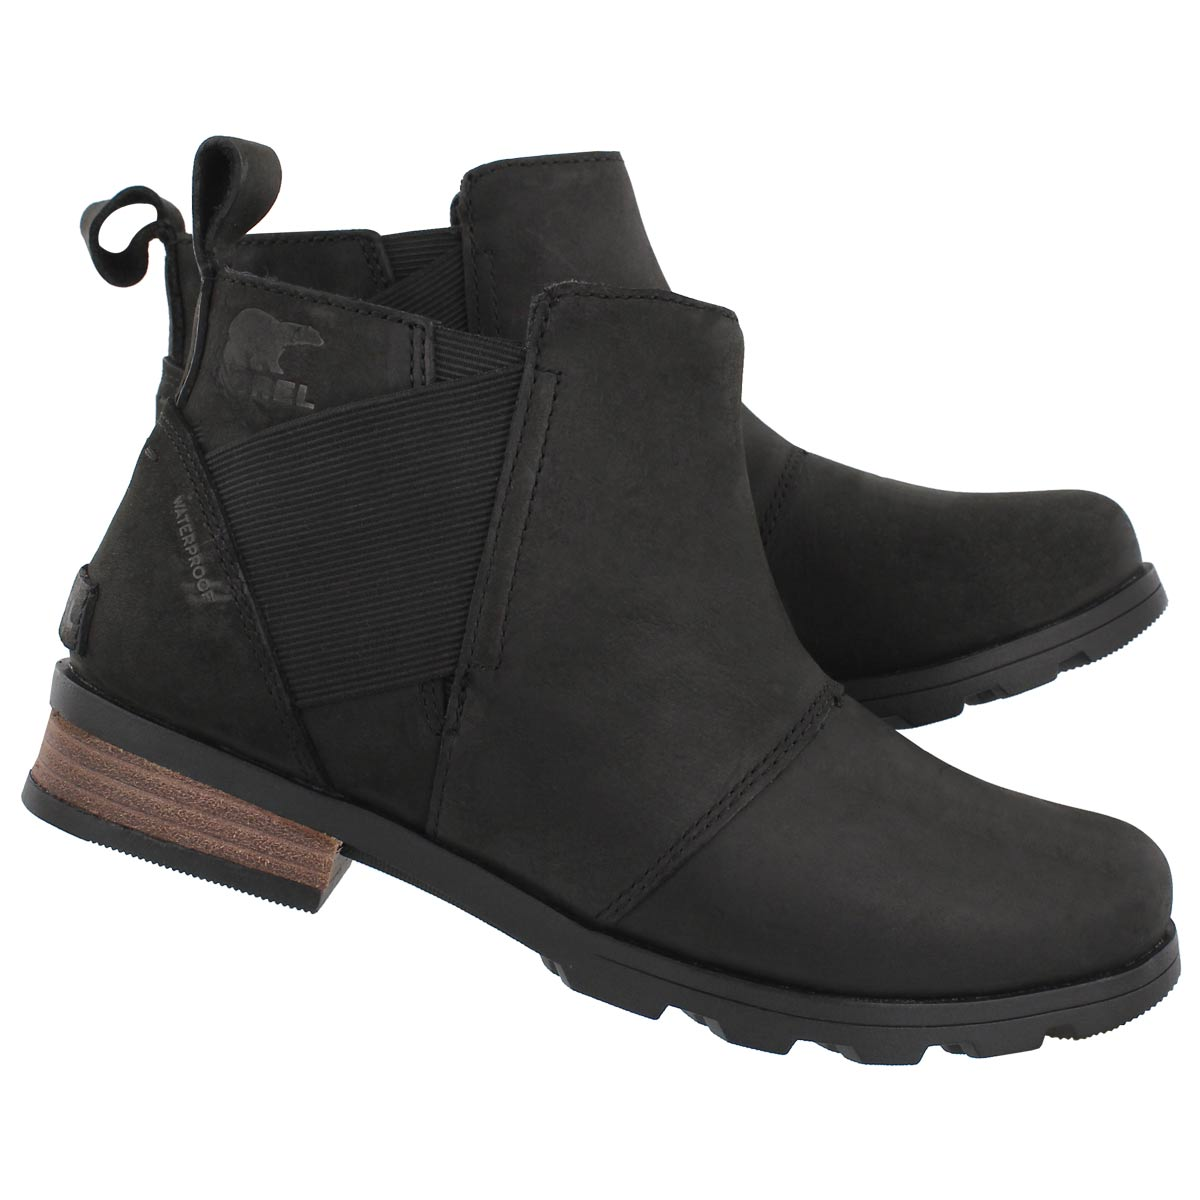 Lds Emelie Chelsea black wtpf boot